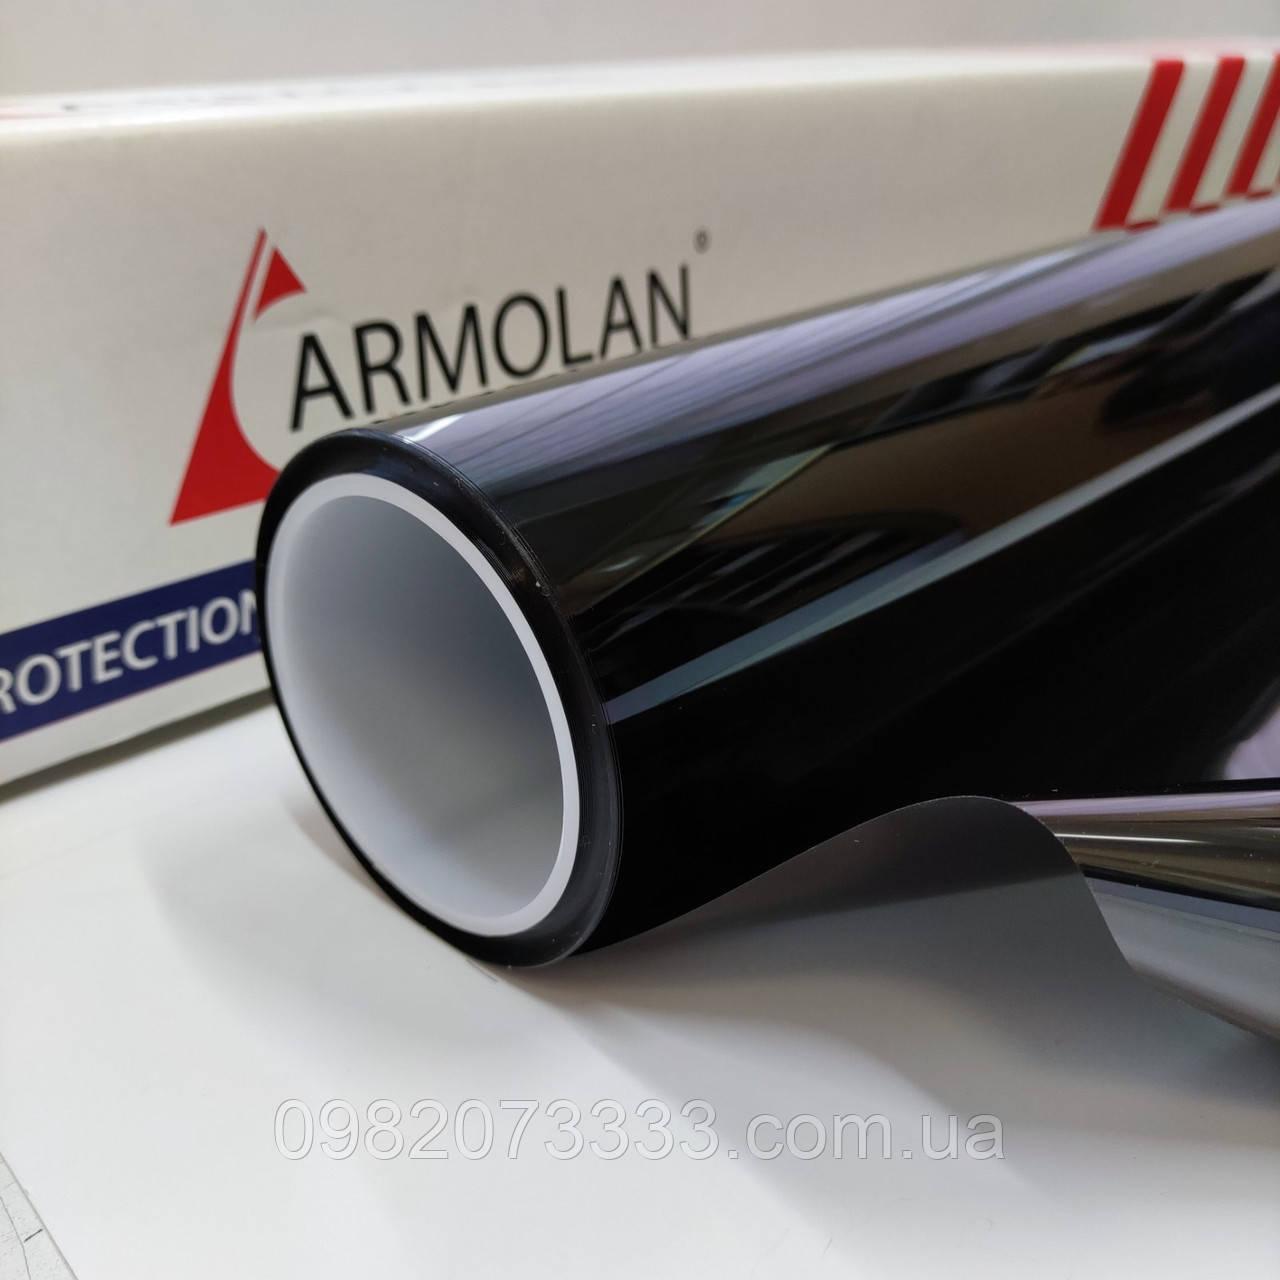 Автомобильная плёнка HPR LR CH 05 Armolan США для тонировки авто. Ширина рулона 1,524. (цена зв кв.м)